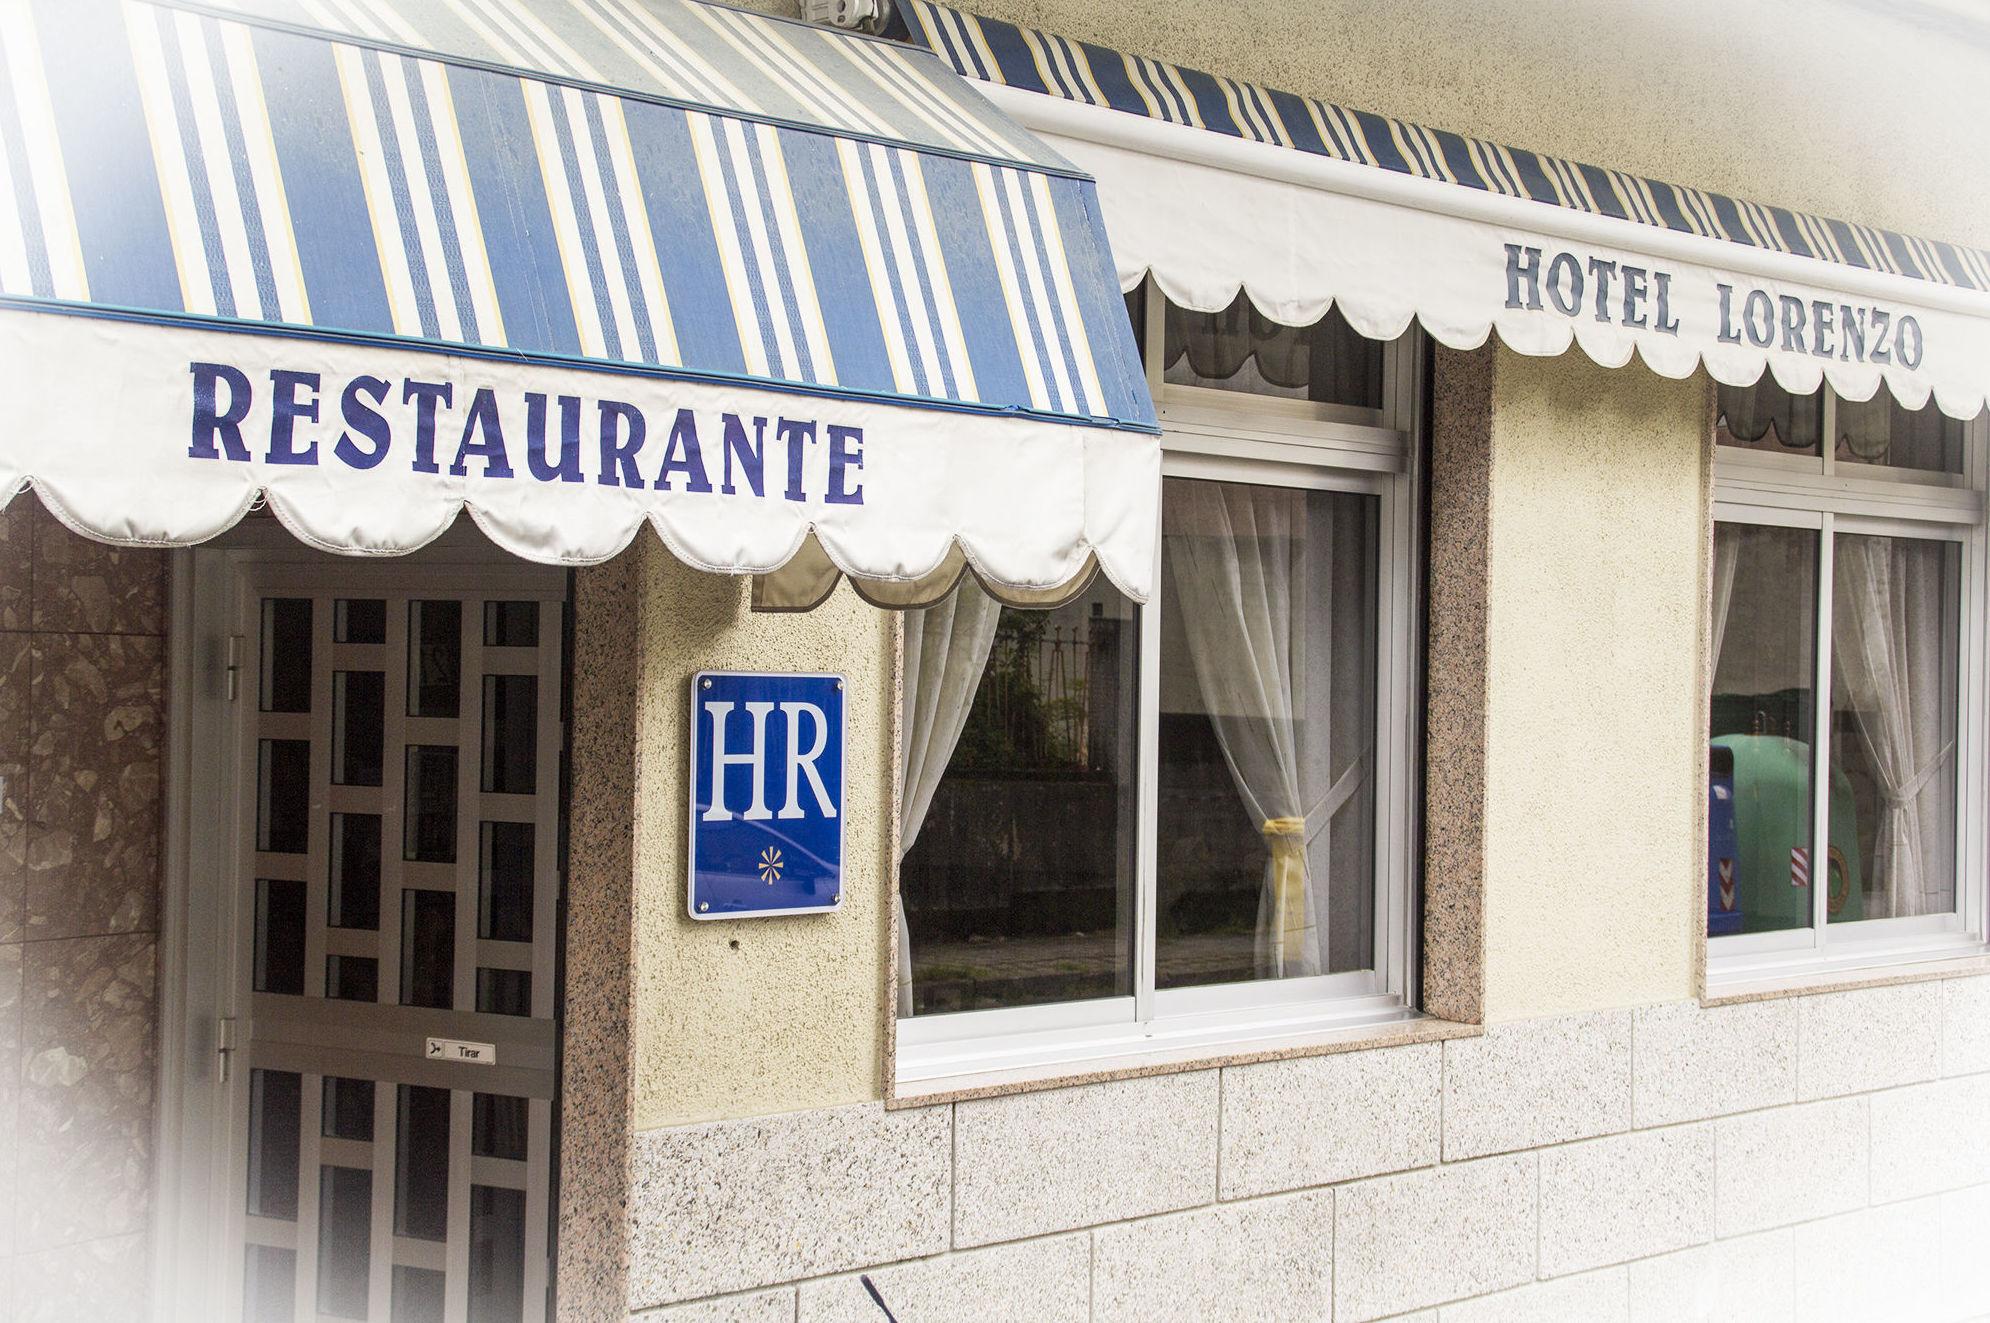 Hotel restaurante junto al balneario de O Carballiño, Ourense